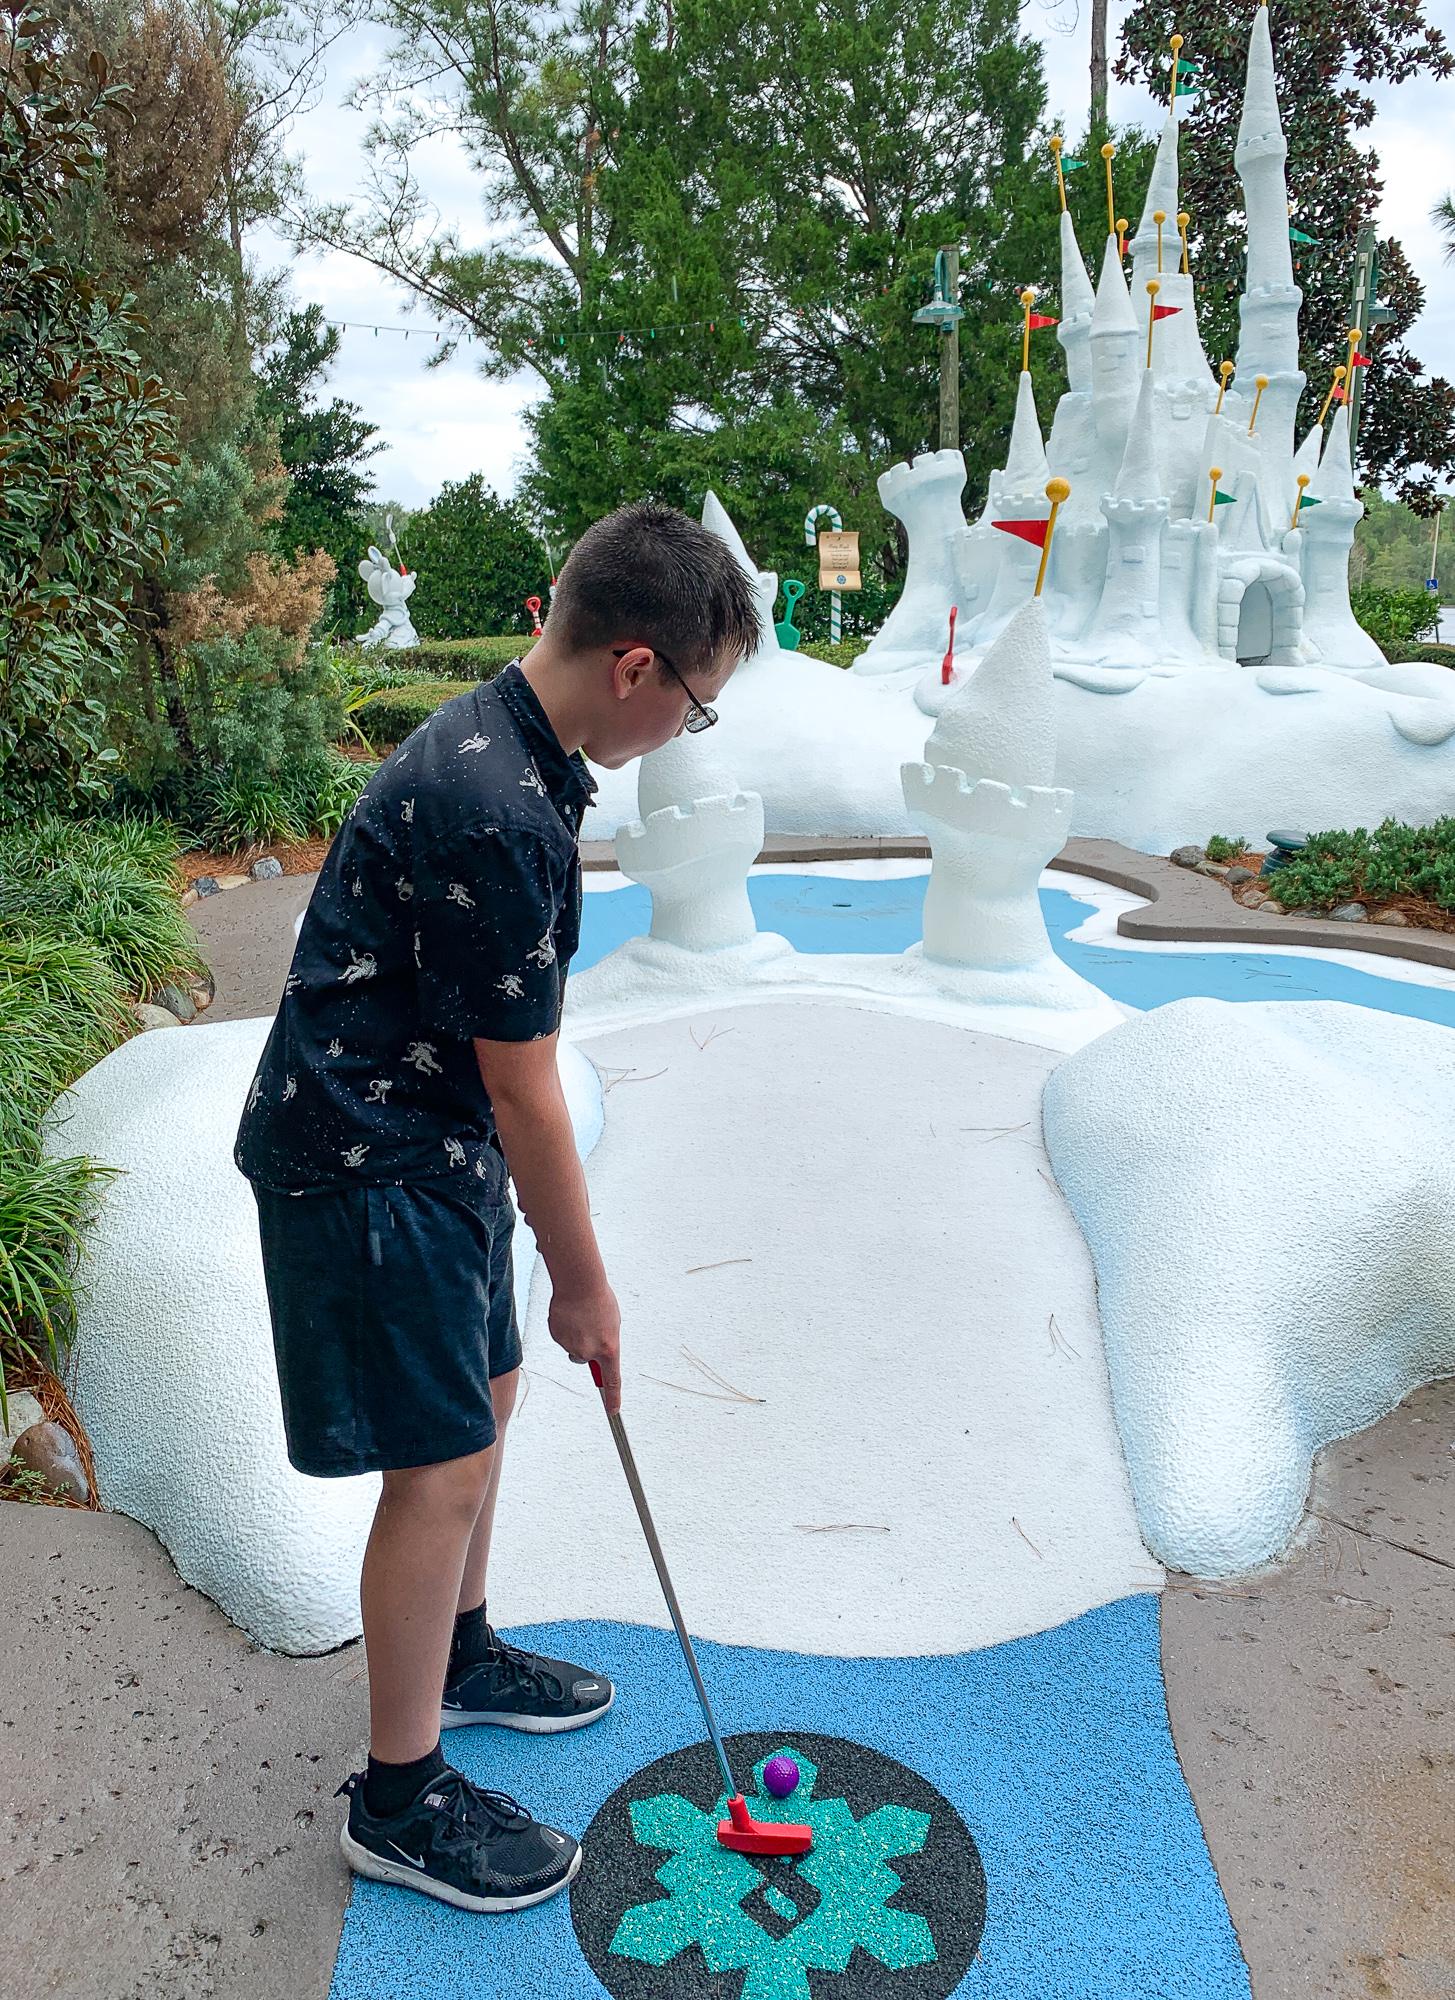 Tween playing putt putt at Disney's Winter Summerland Miniature Golf